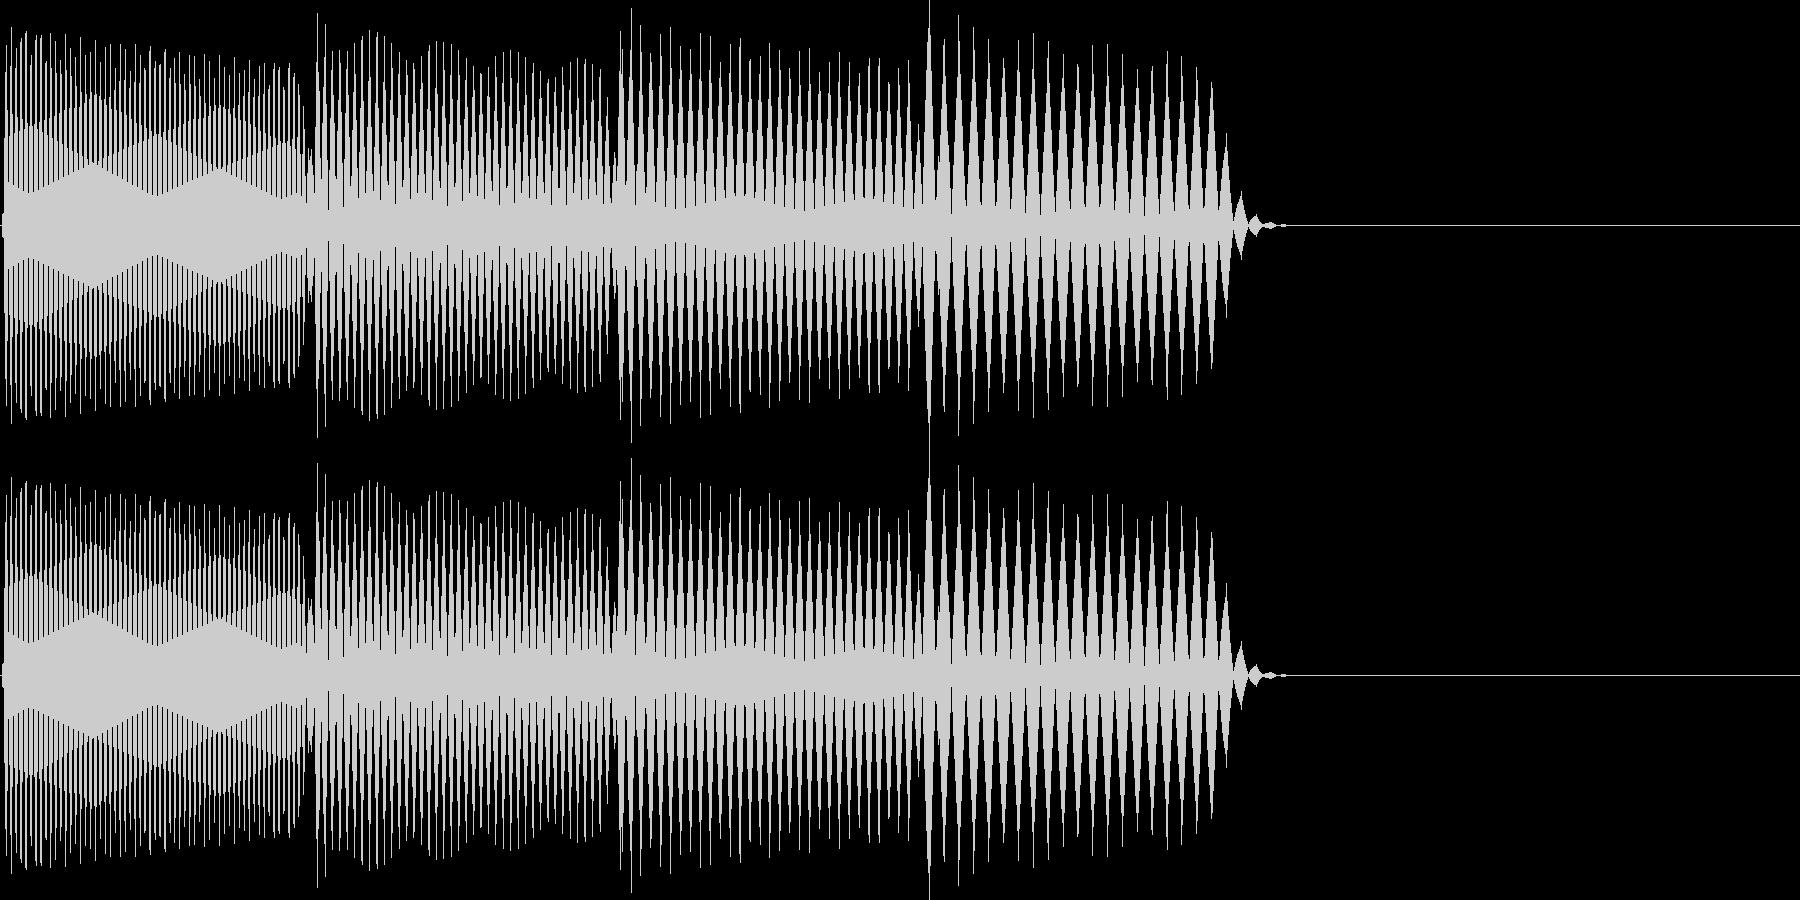 ピロロロ↓(攻撃ミス、やり直し)の未再生の波形